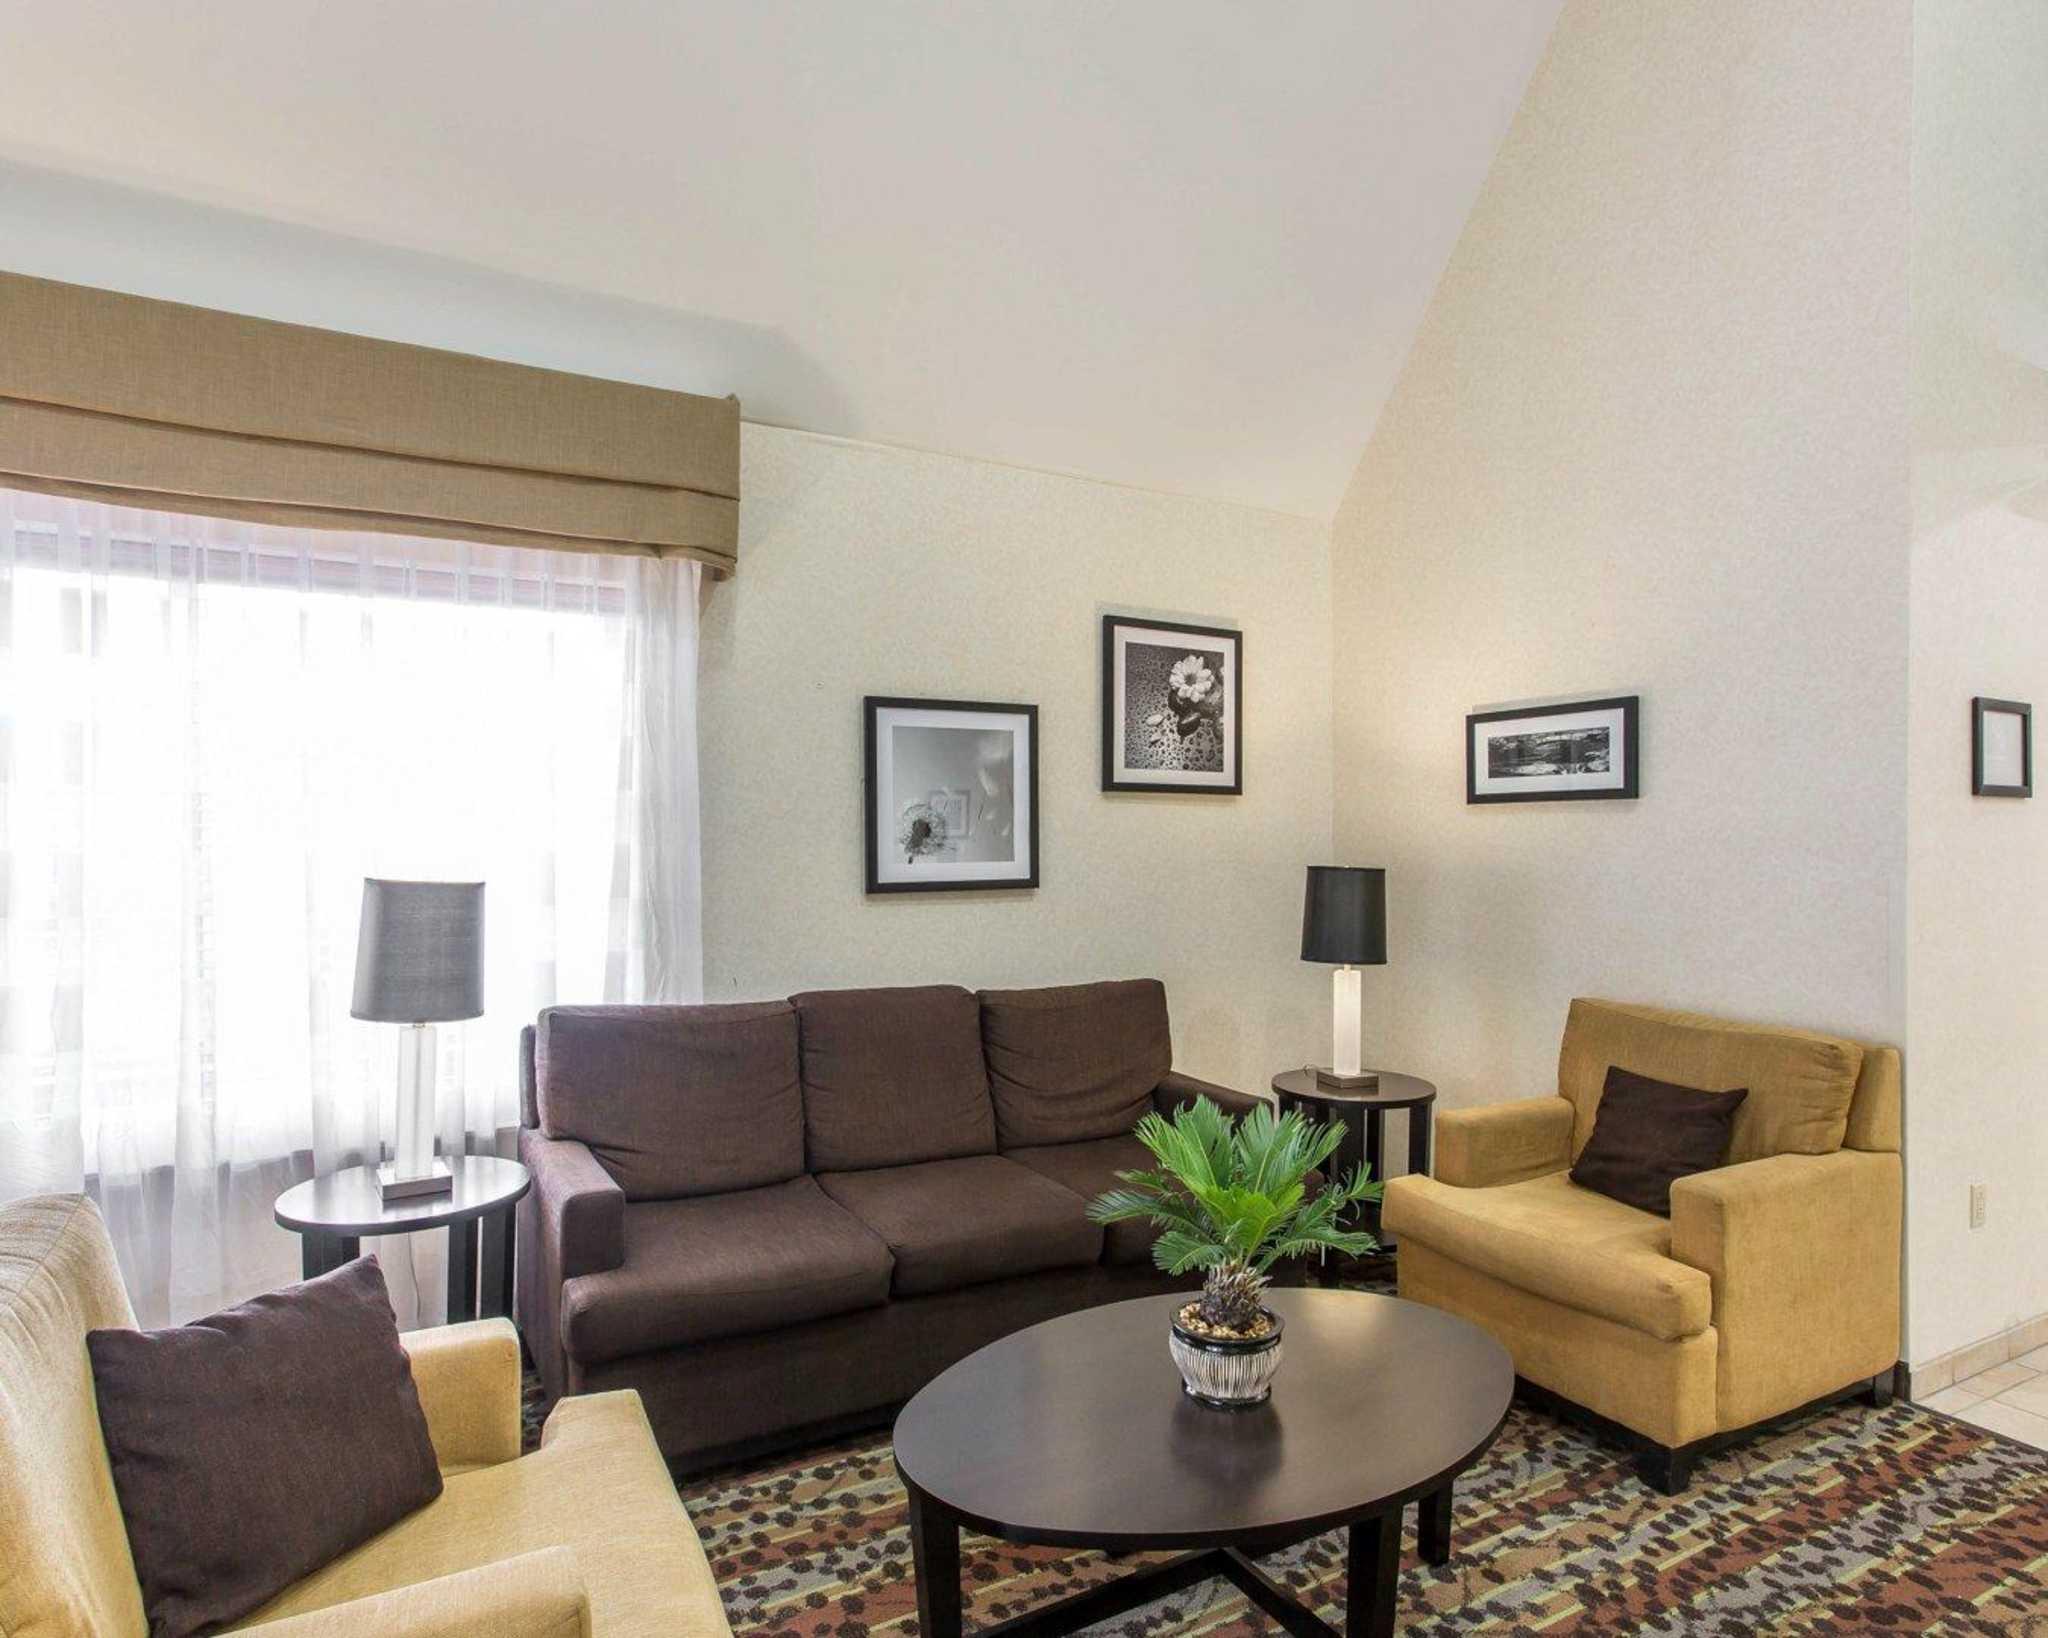 Sleep Inn & Suites image 16